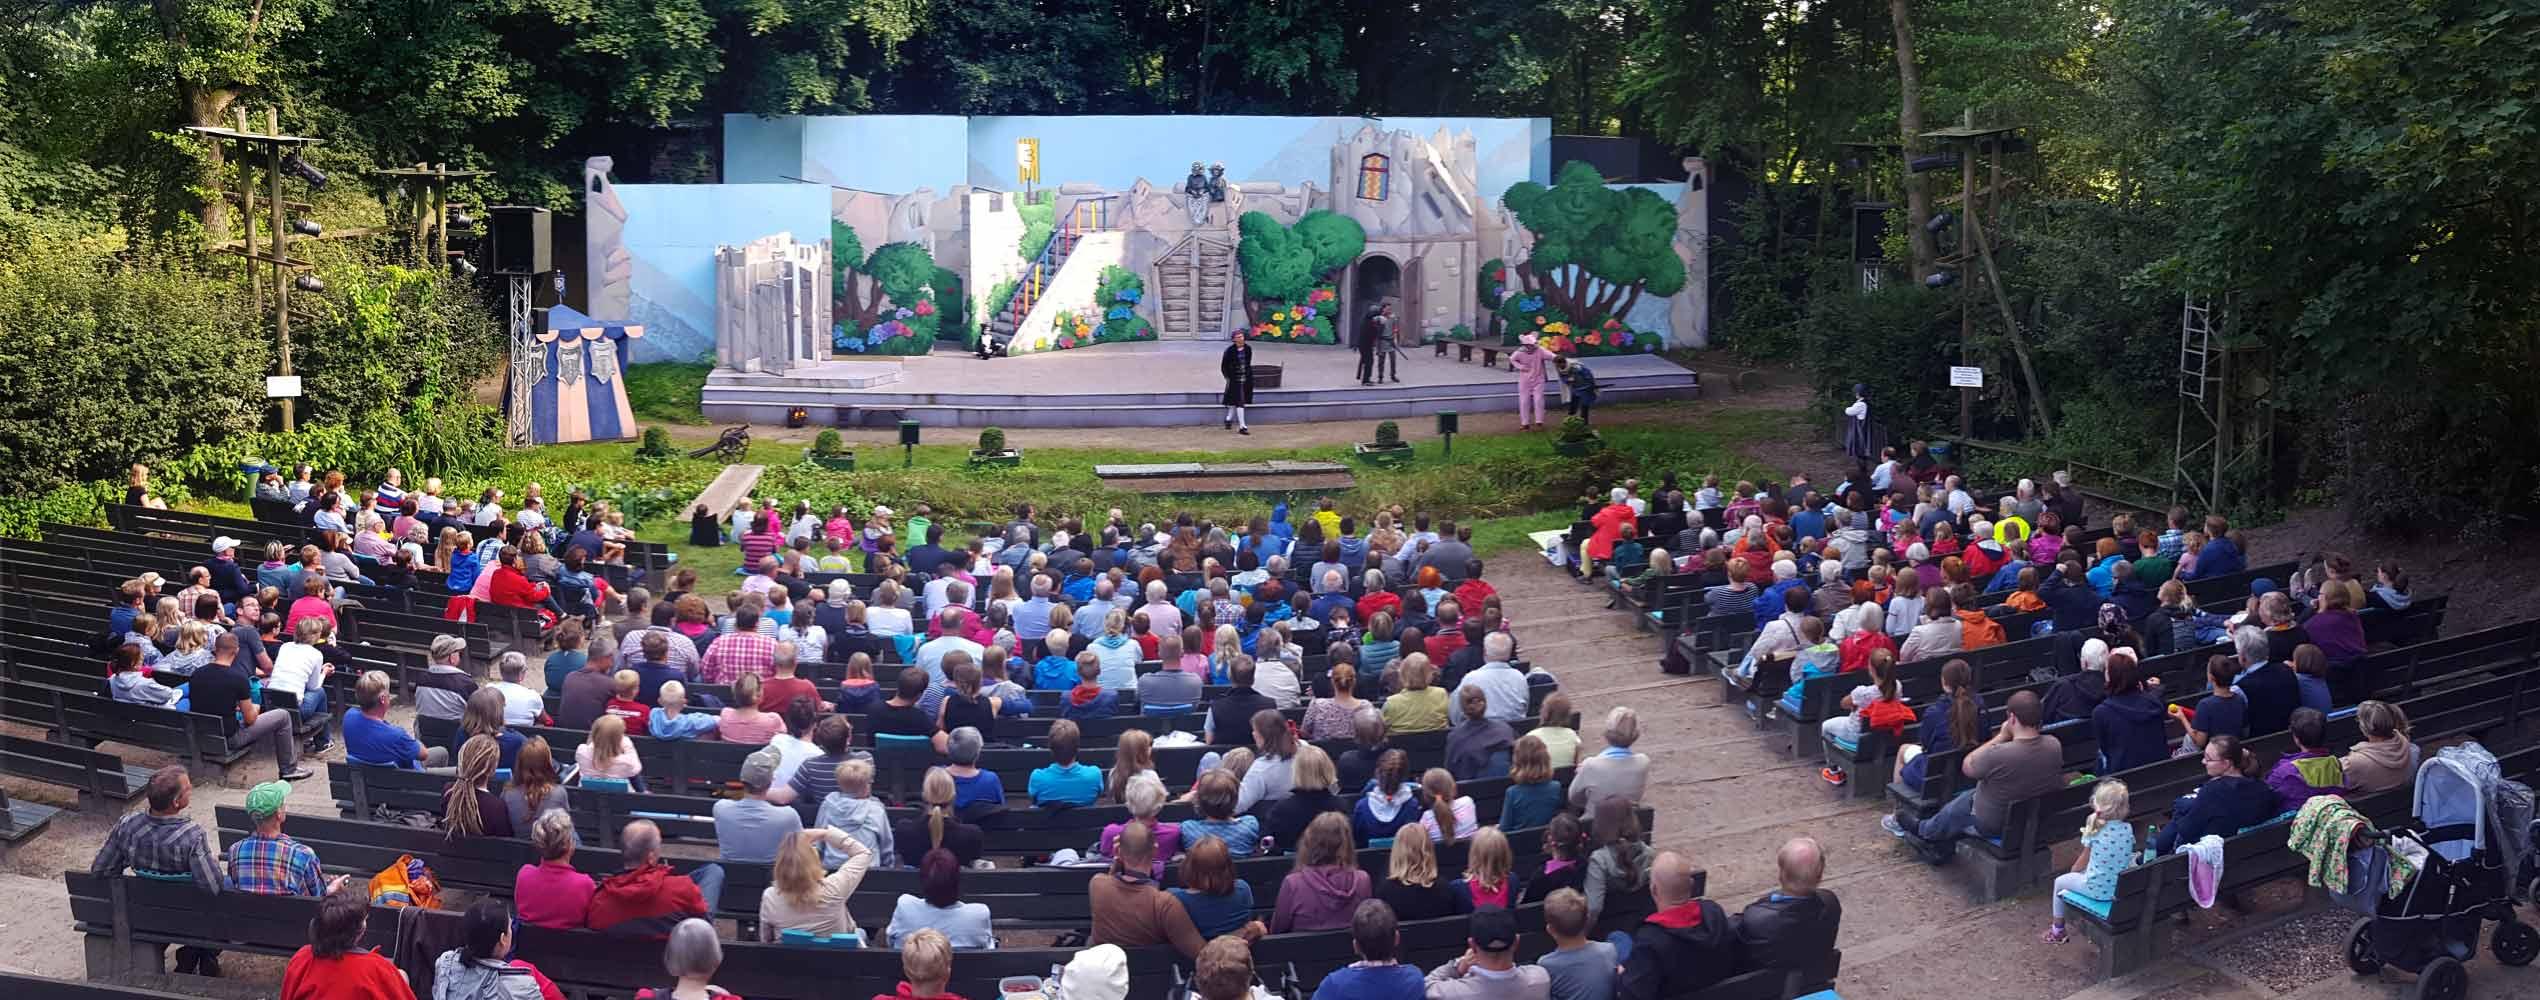 Freilichtbühne Lilienthal Bühne